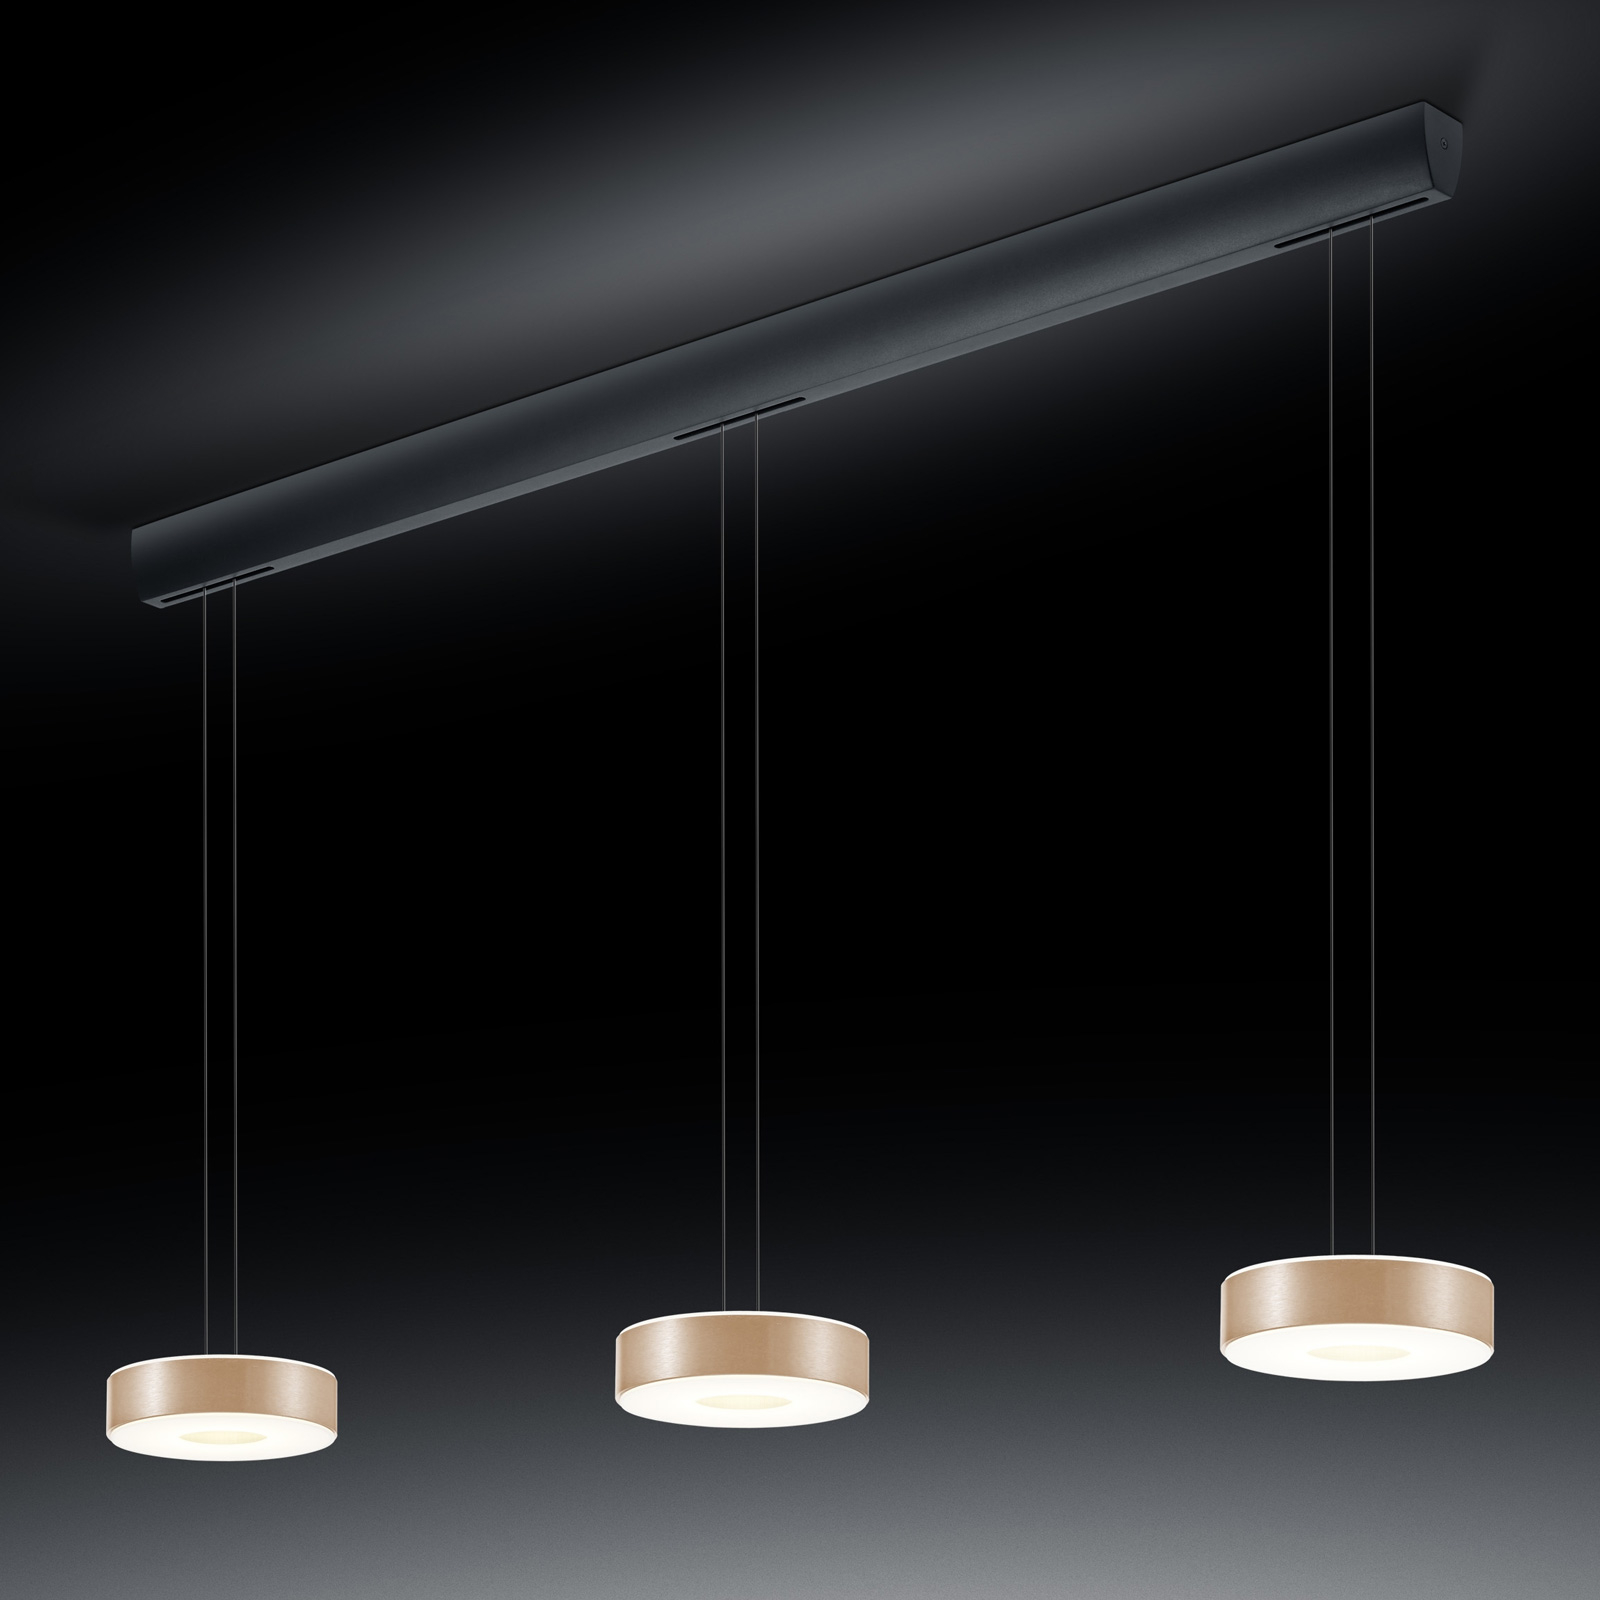 BANKAMP Tondo LED hanglamp 3-lamps roségoud